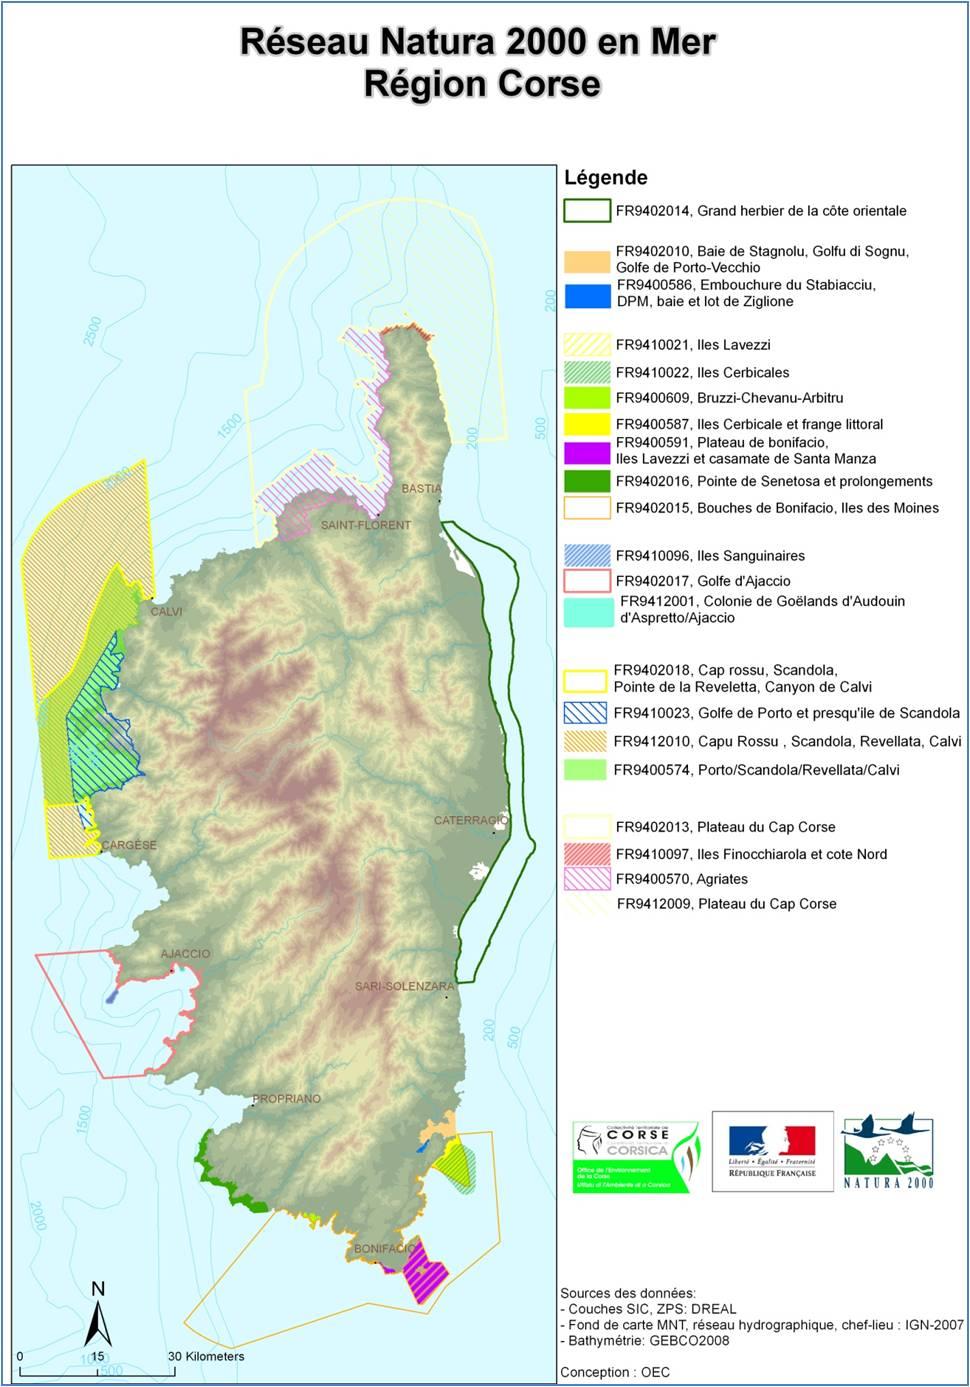 Carte des sites, établis par les directives « Habitats » et « Oiseaux », du réseau Natura 2000 en mer en Corse